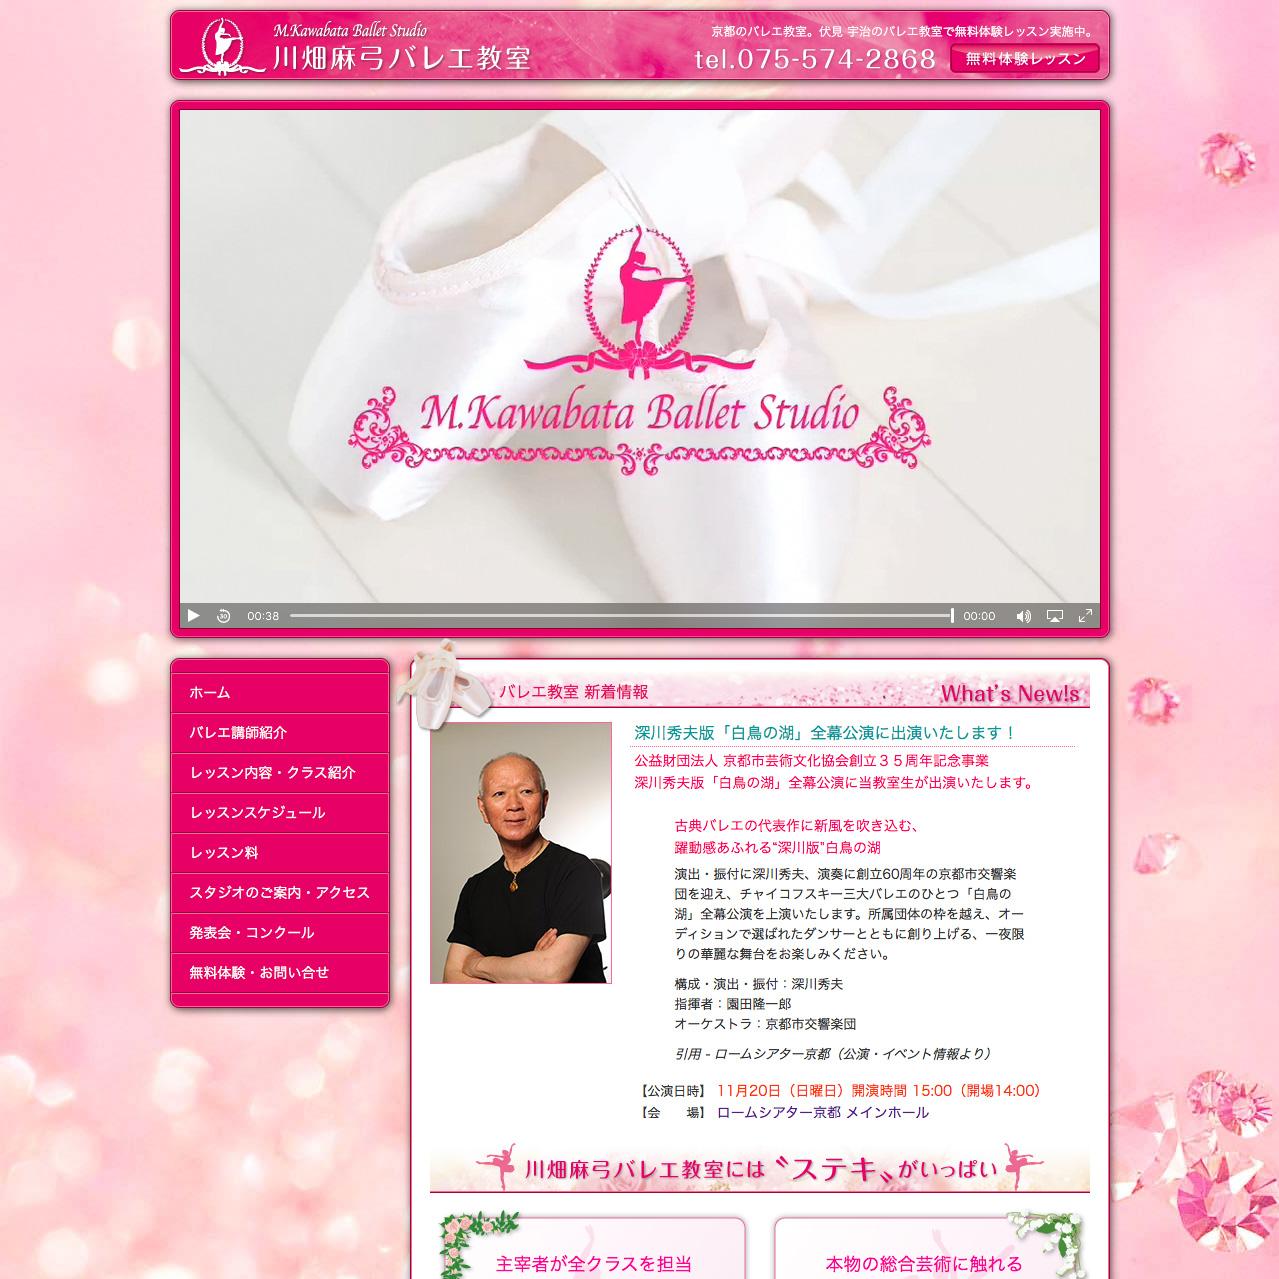 川畑麻弓バレエ教室 ホームページ